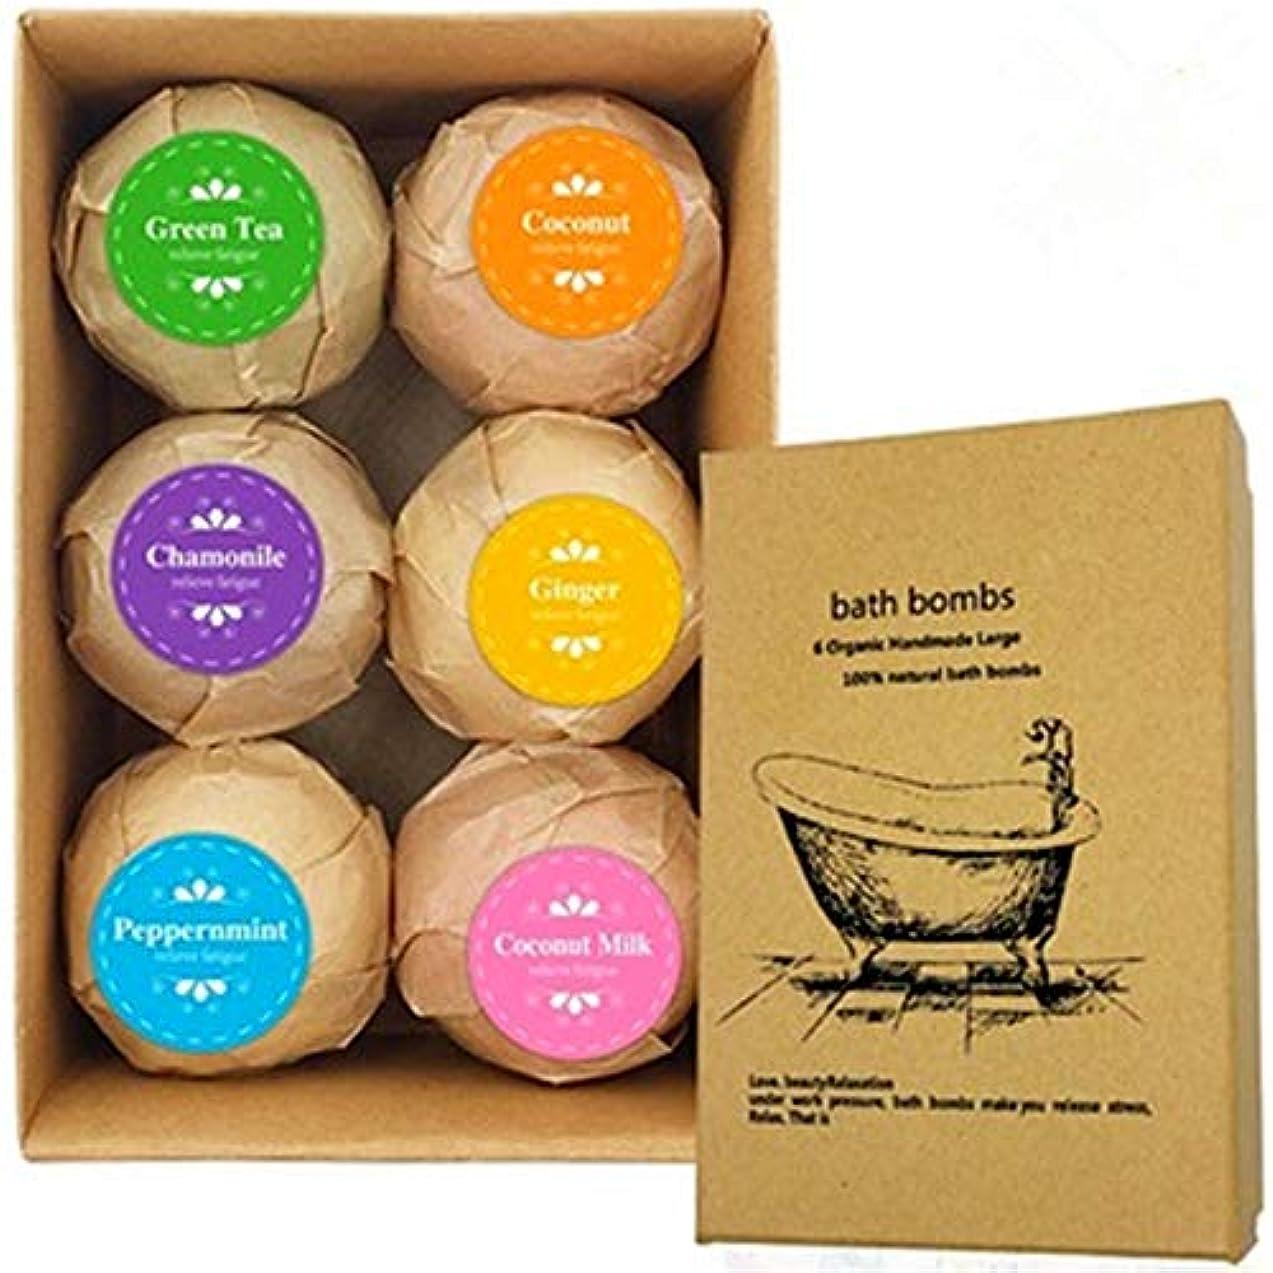 教育学割り込み高めるバスボム 入浴剤 炭酸 バスボール 6つの香り 手作り 入浴料 うるおいプラス お風呂用 入浴剤 ギフトセット6枚 贈り物 プレゼント最適